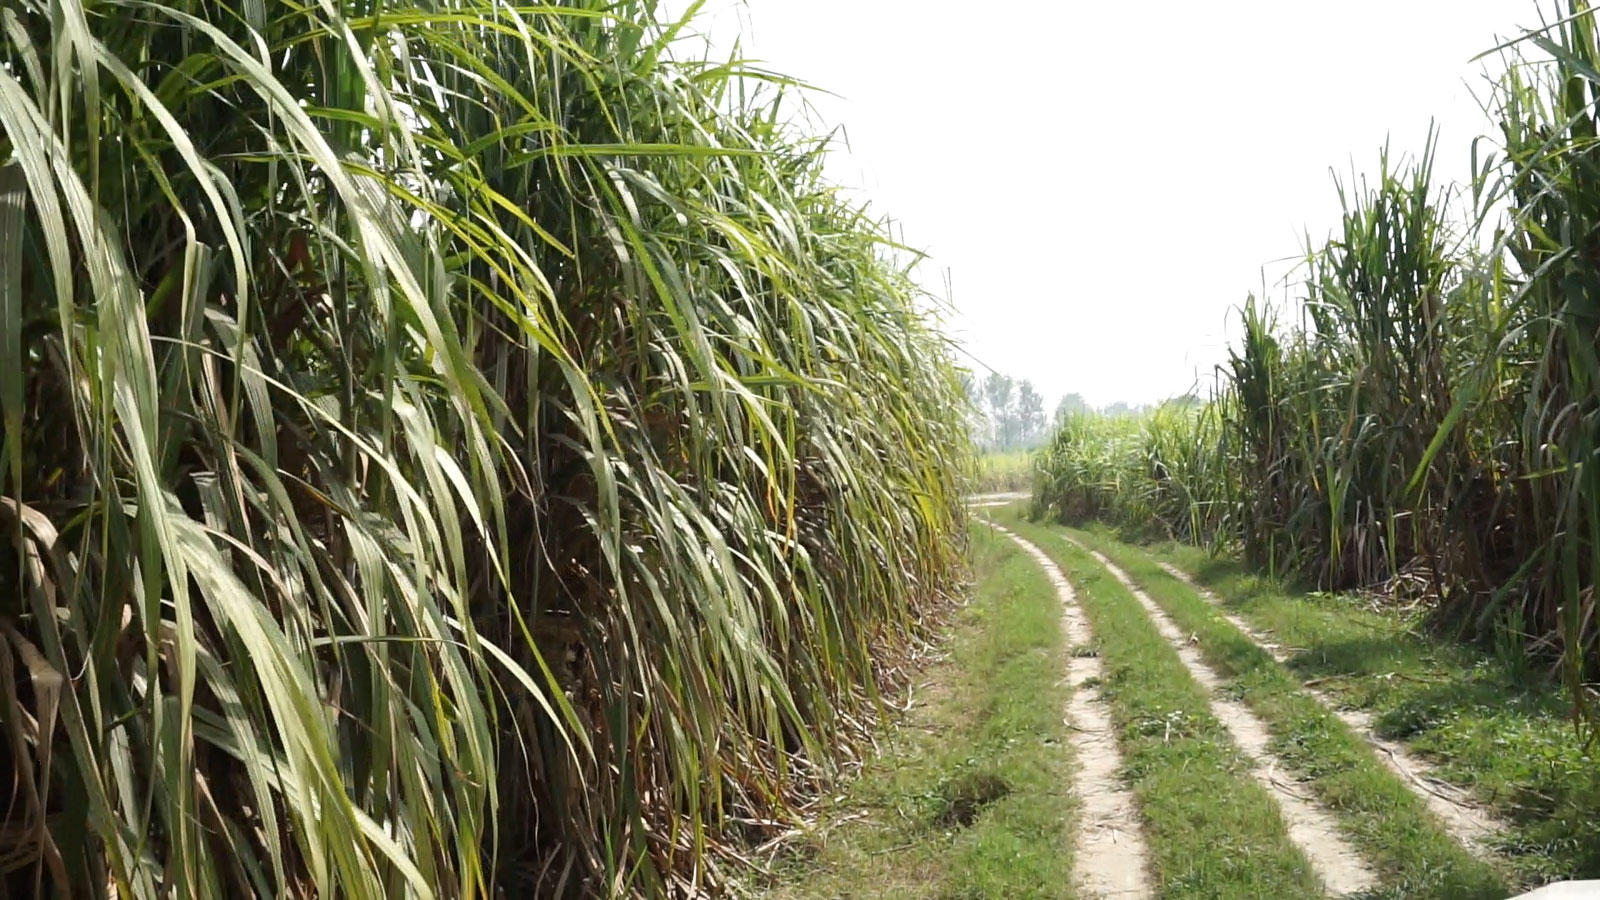 A sugarcane farm in Western UP